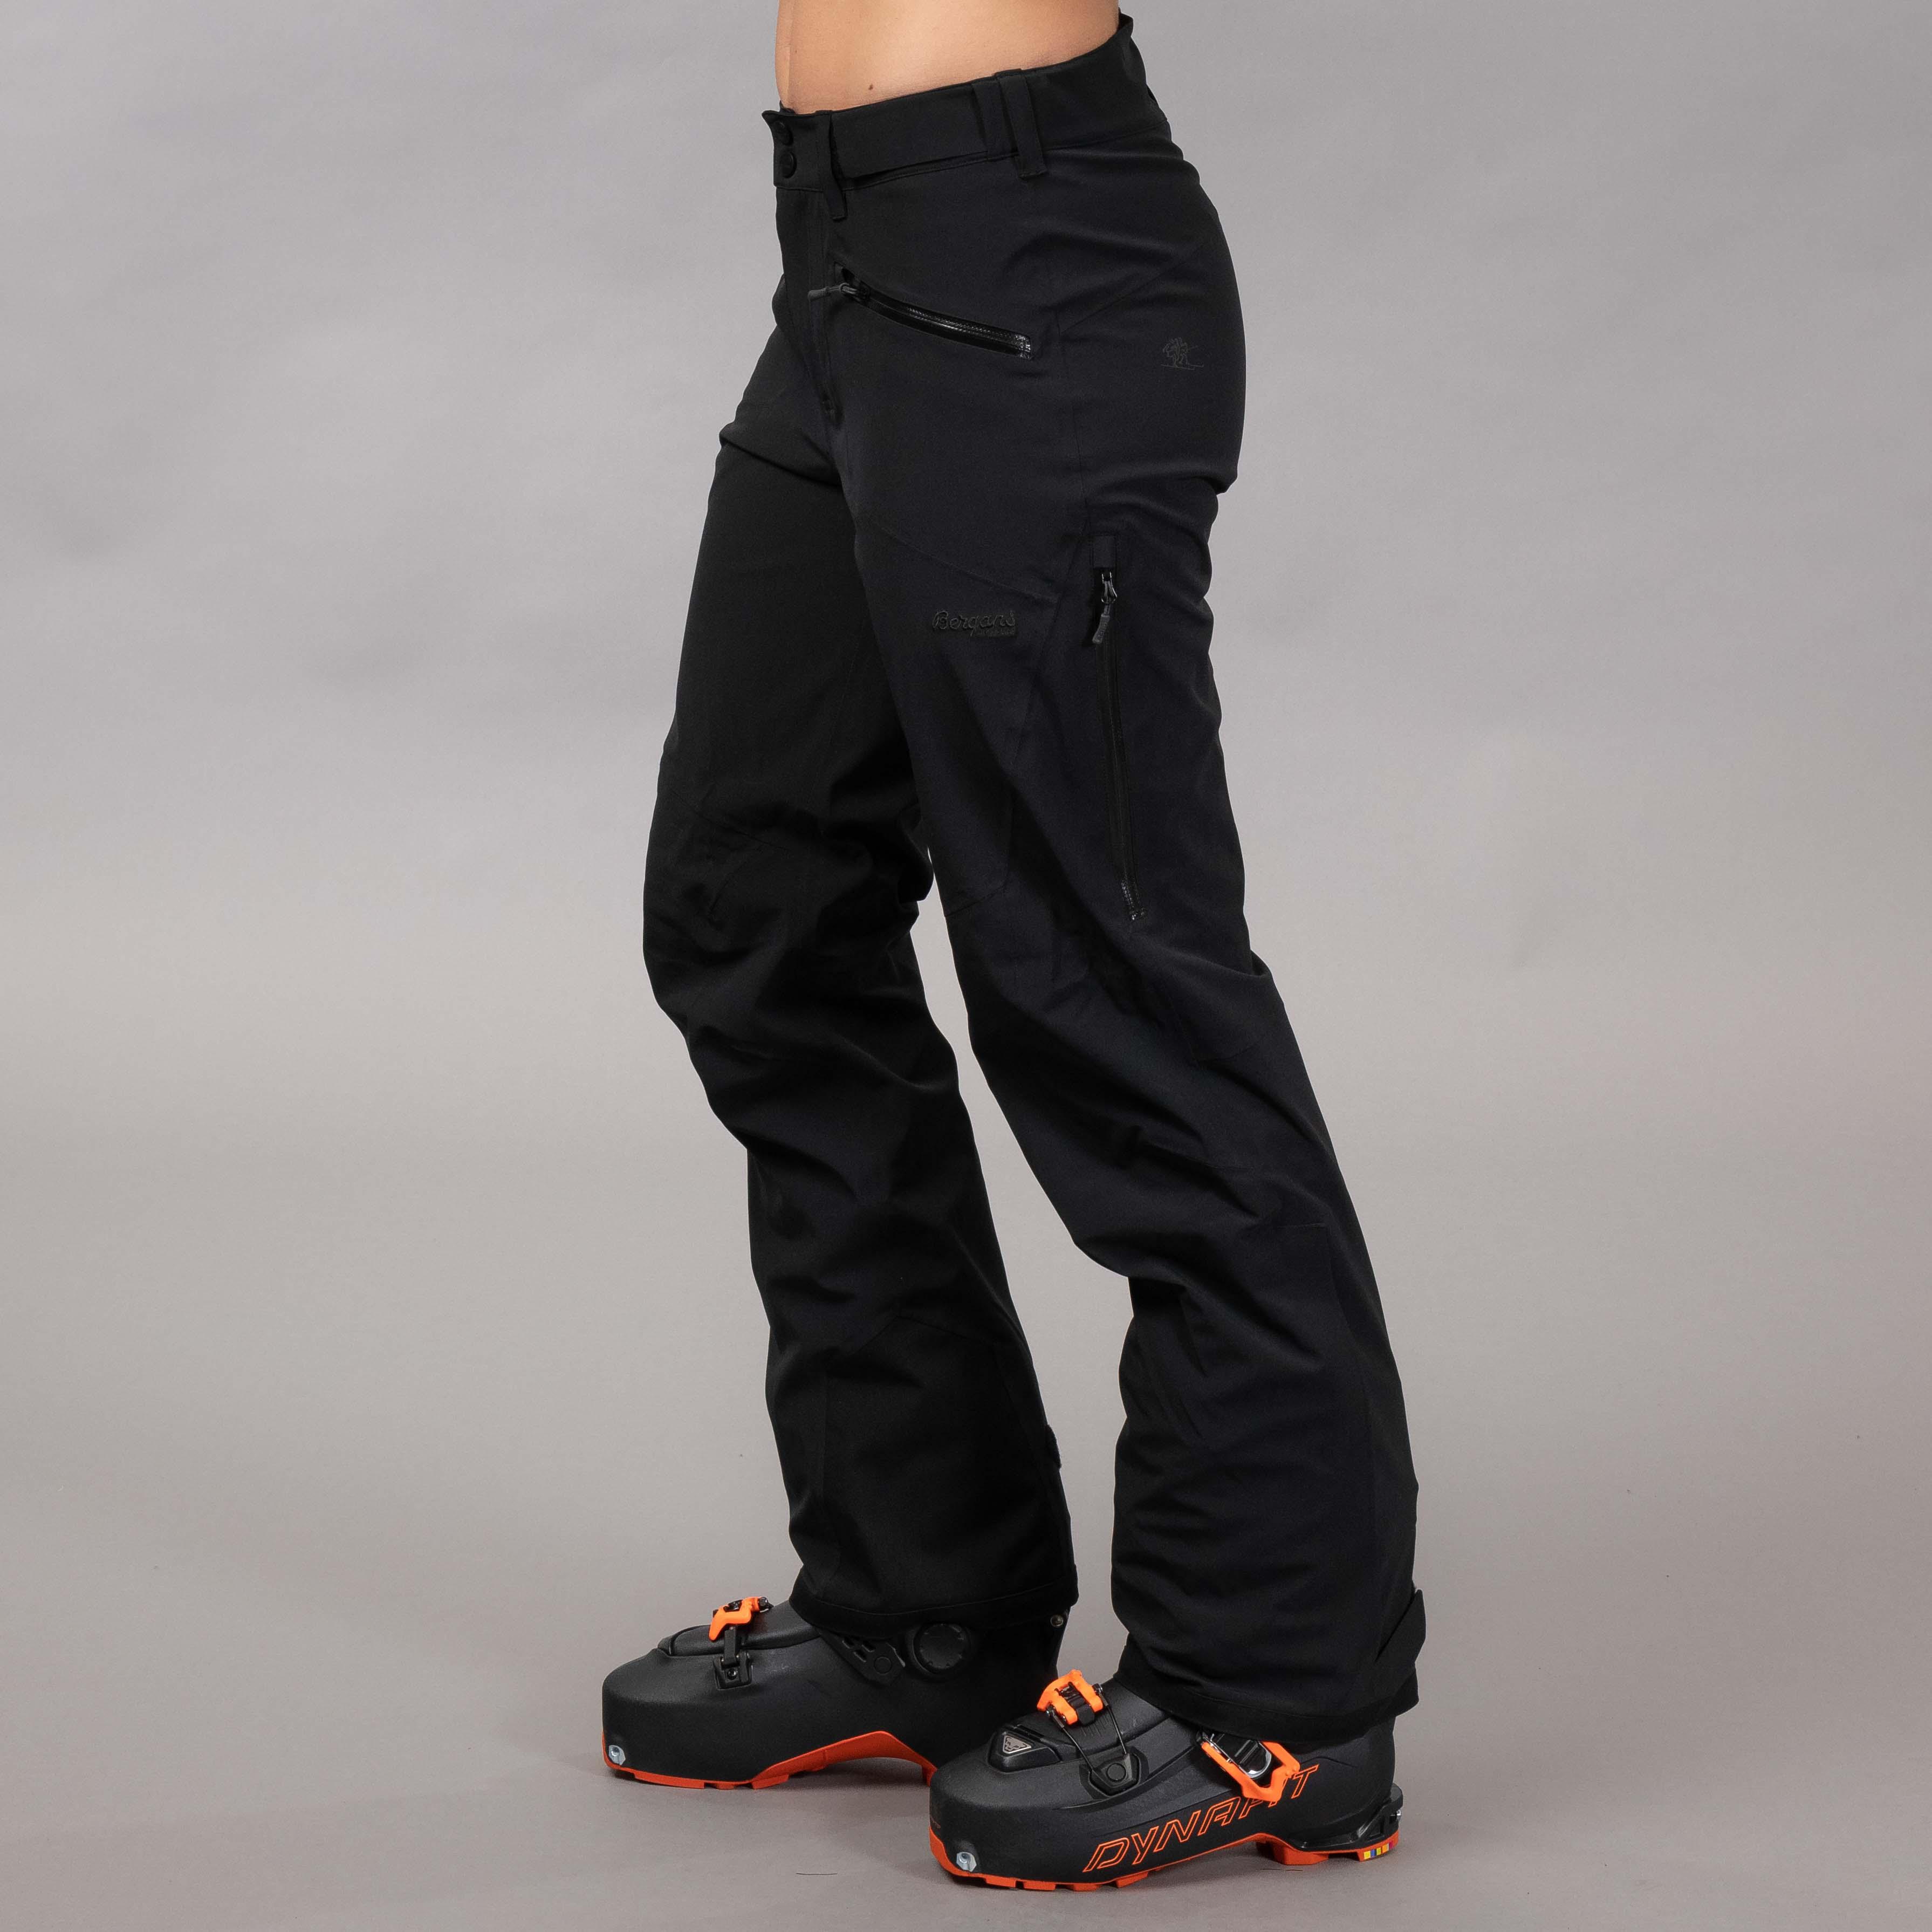 Oppdal Lady Pants